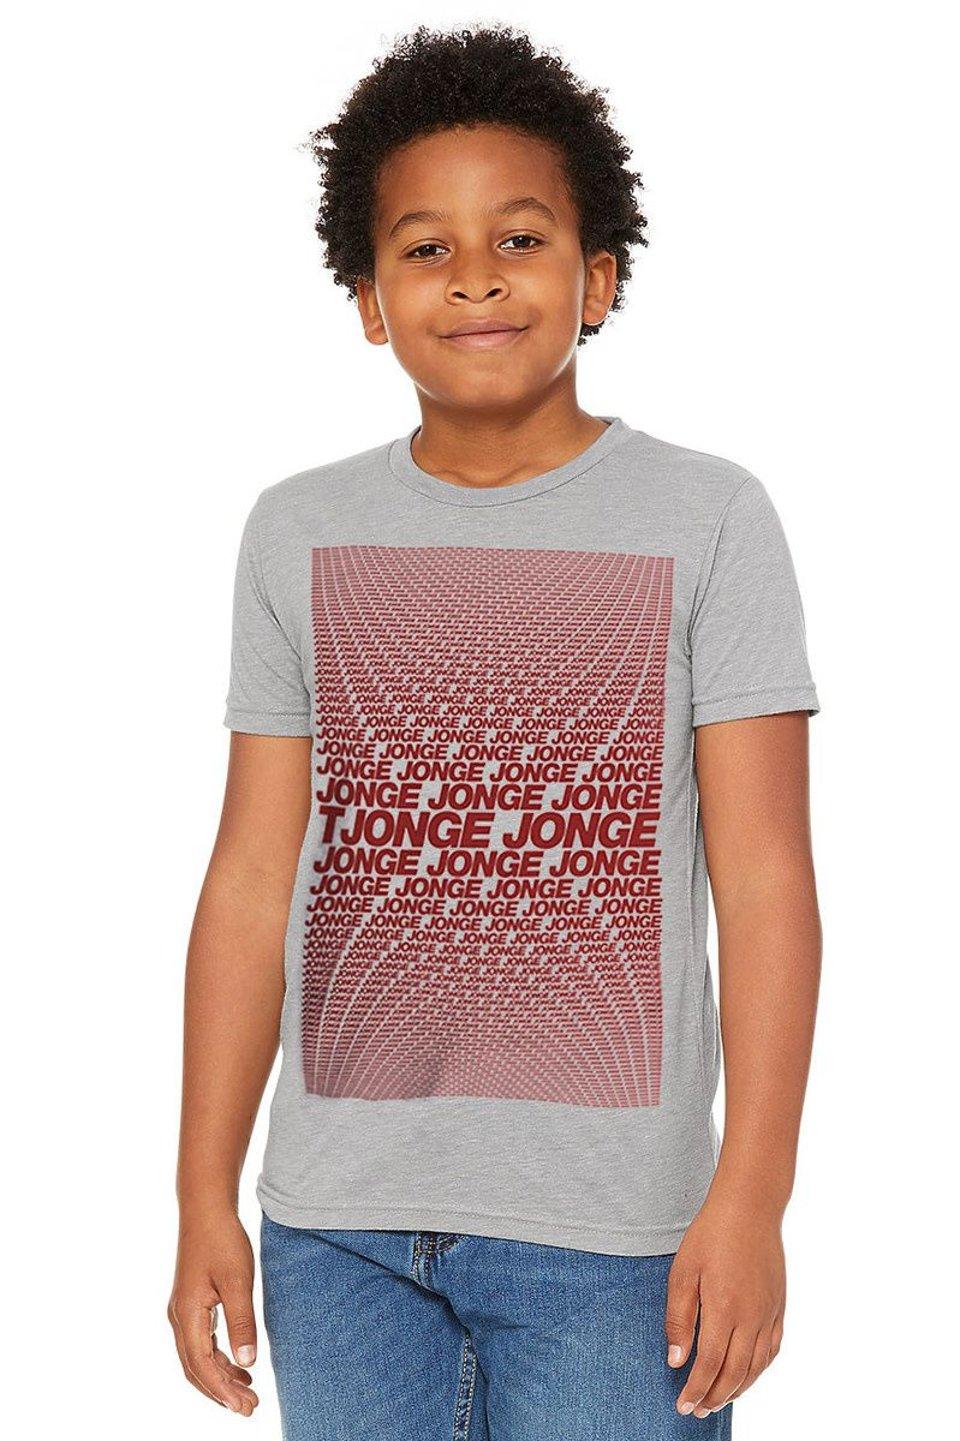 Tjonge jonge T-shirt